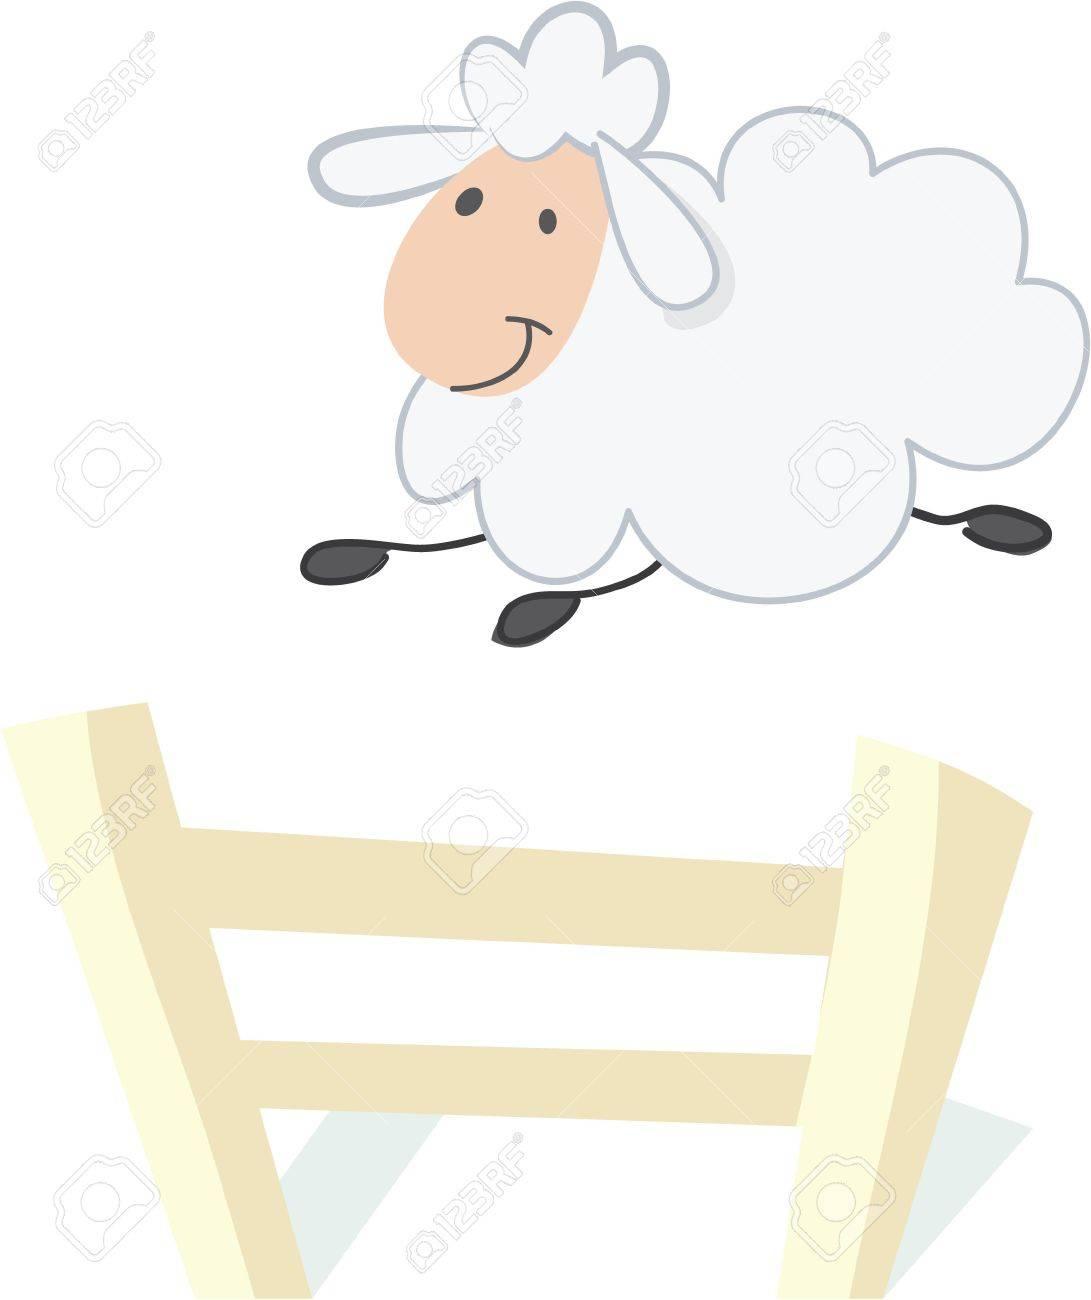 羊を数える就寝このデザインで毛布の上簡単なりますのイラスト素材